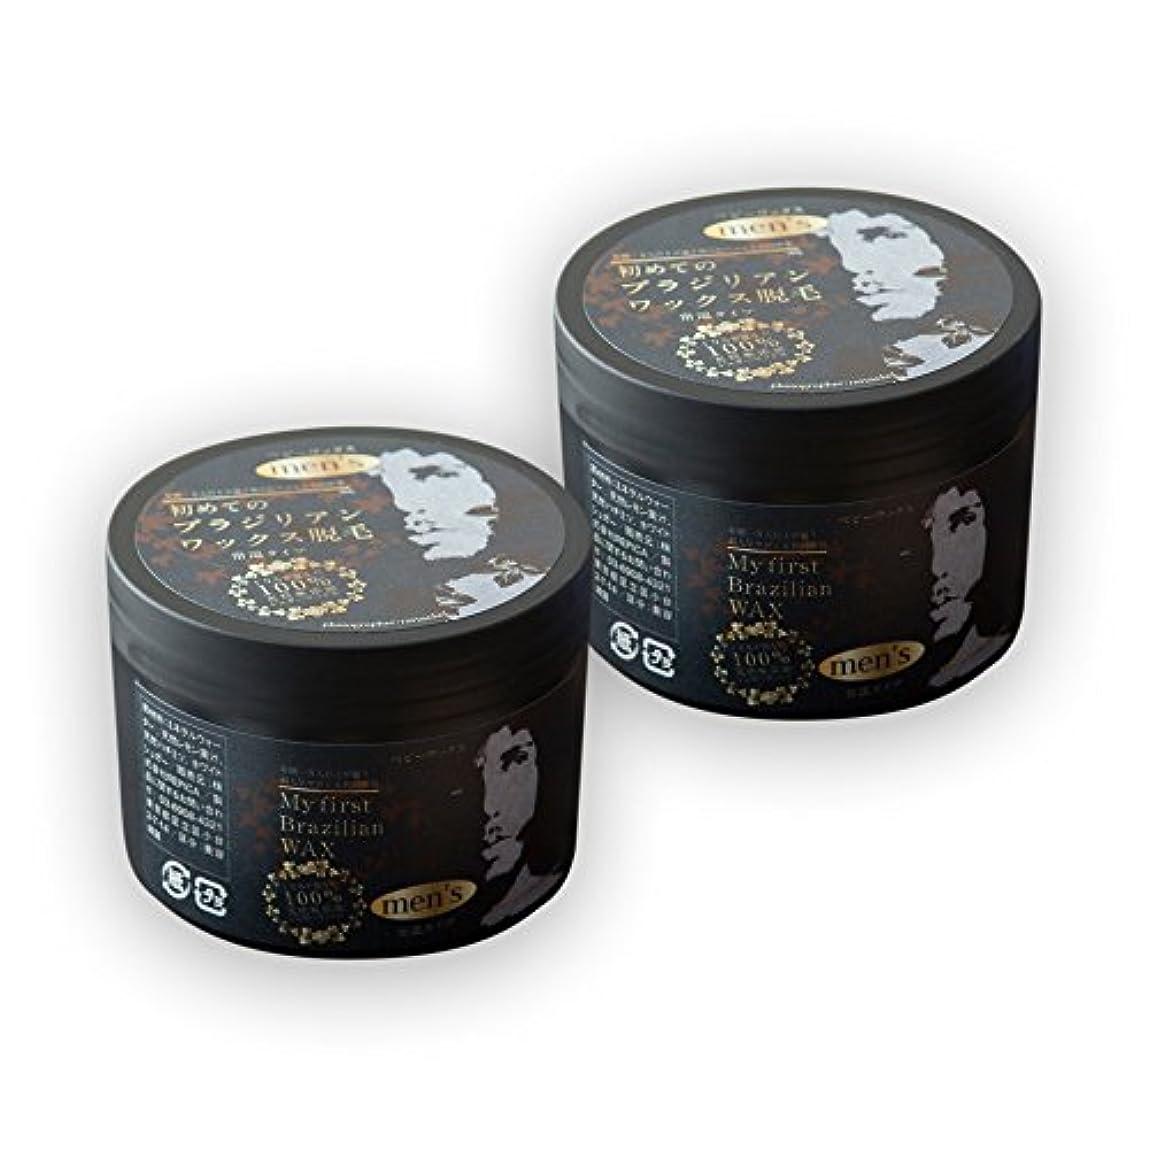 権限を与えるペレット線形【単品】メンズ専用単品ワックス BABY WAX 専門サロンの初めてのブラジリアンワックス脱毛【100%国産無添加】 (2個セット)